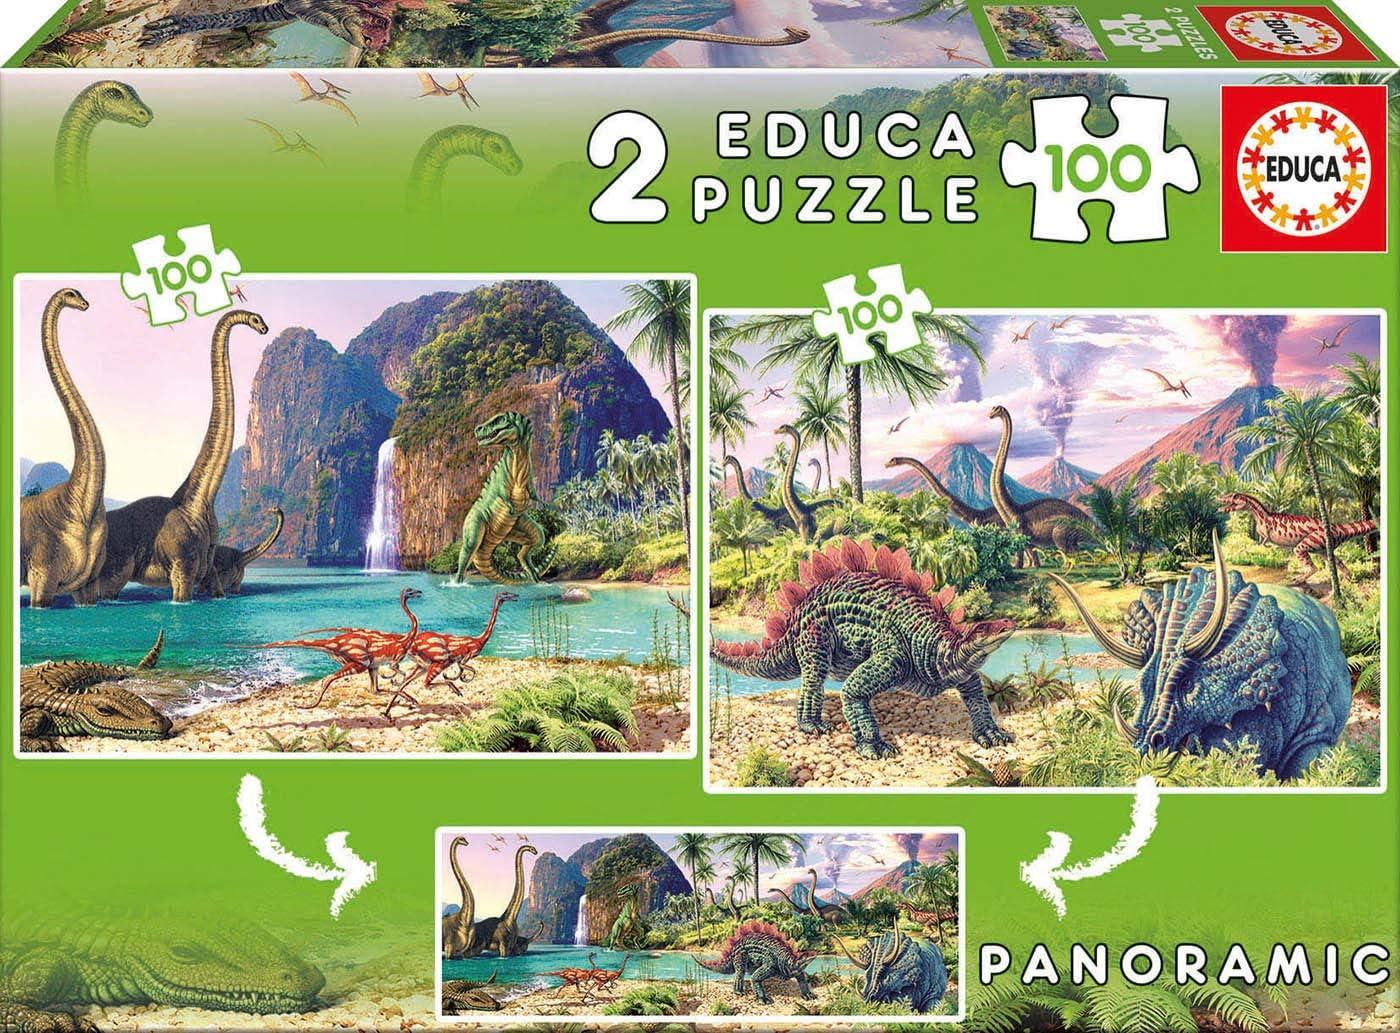 Educa - Dino World Panoramico, 2 Puzzles infantiles de 100 piezas, a partir de 6 años (15620)